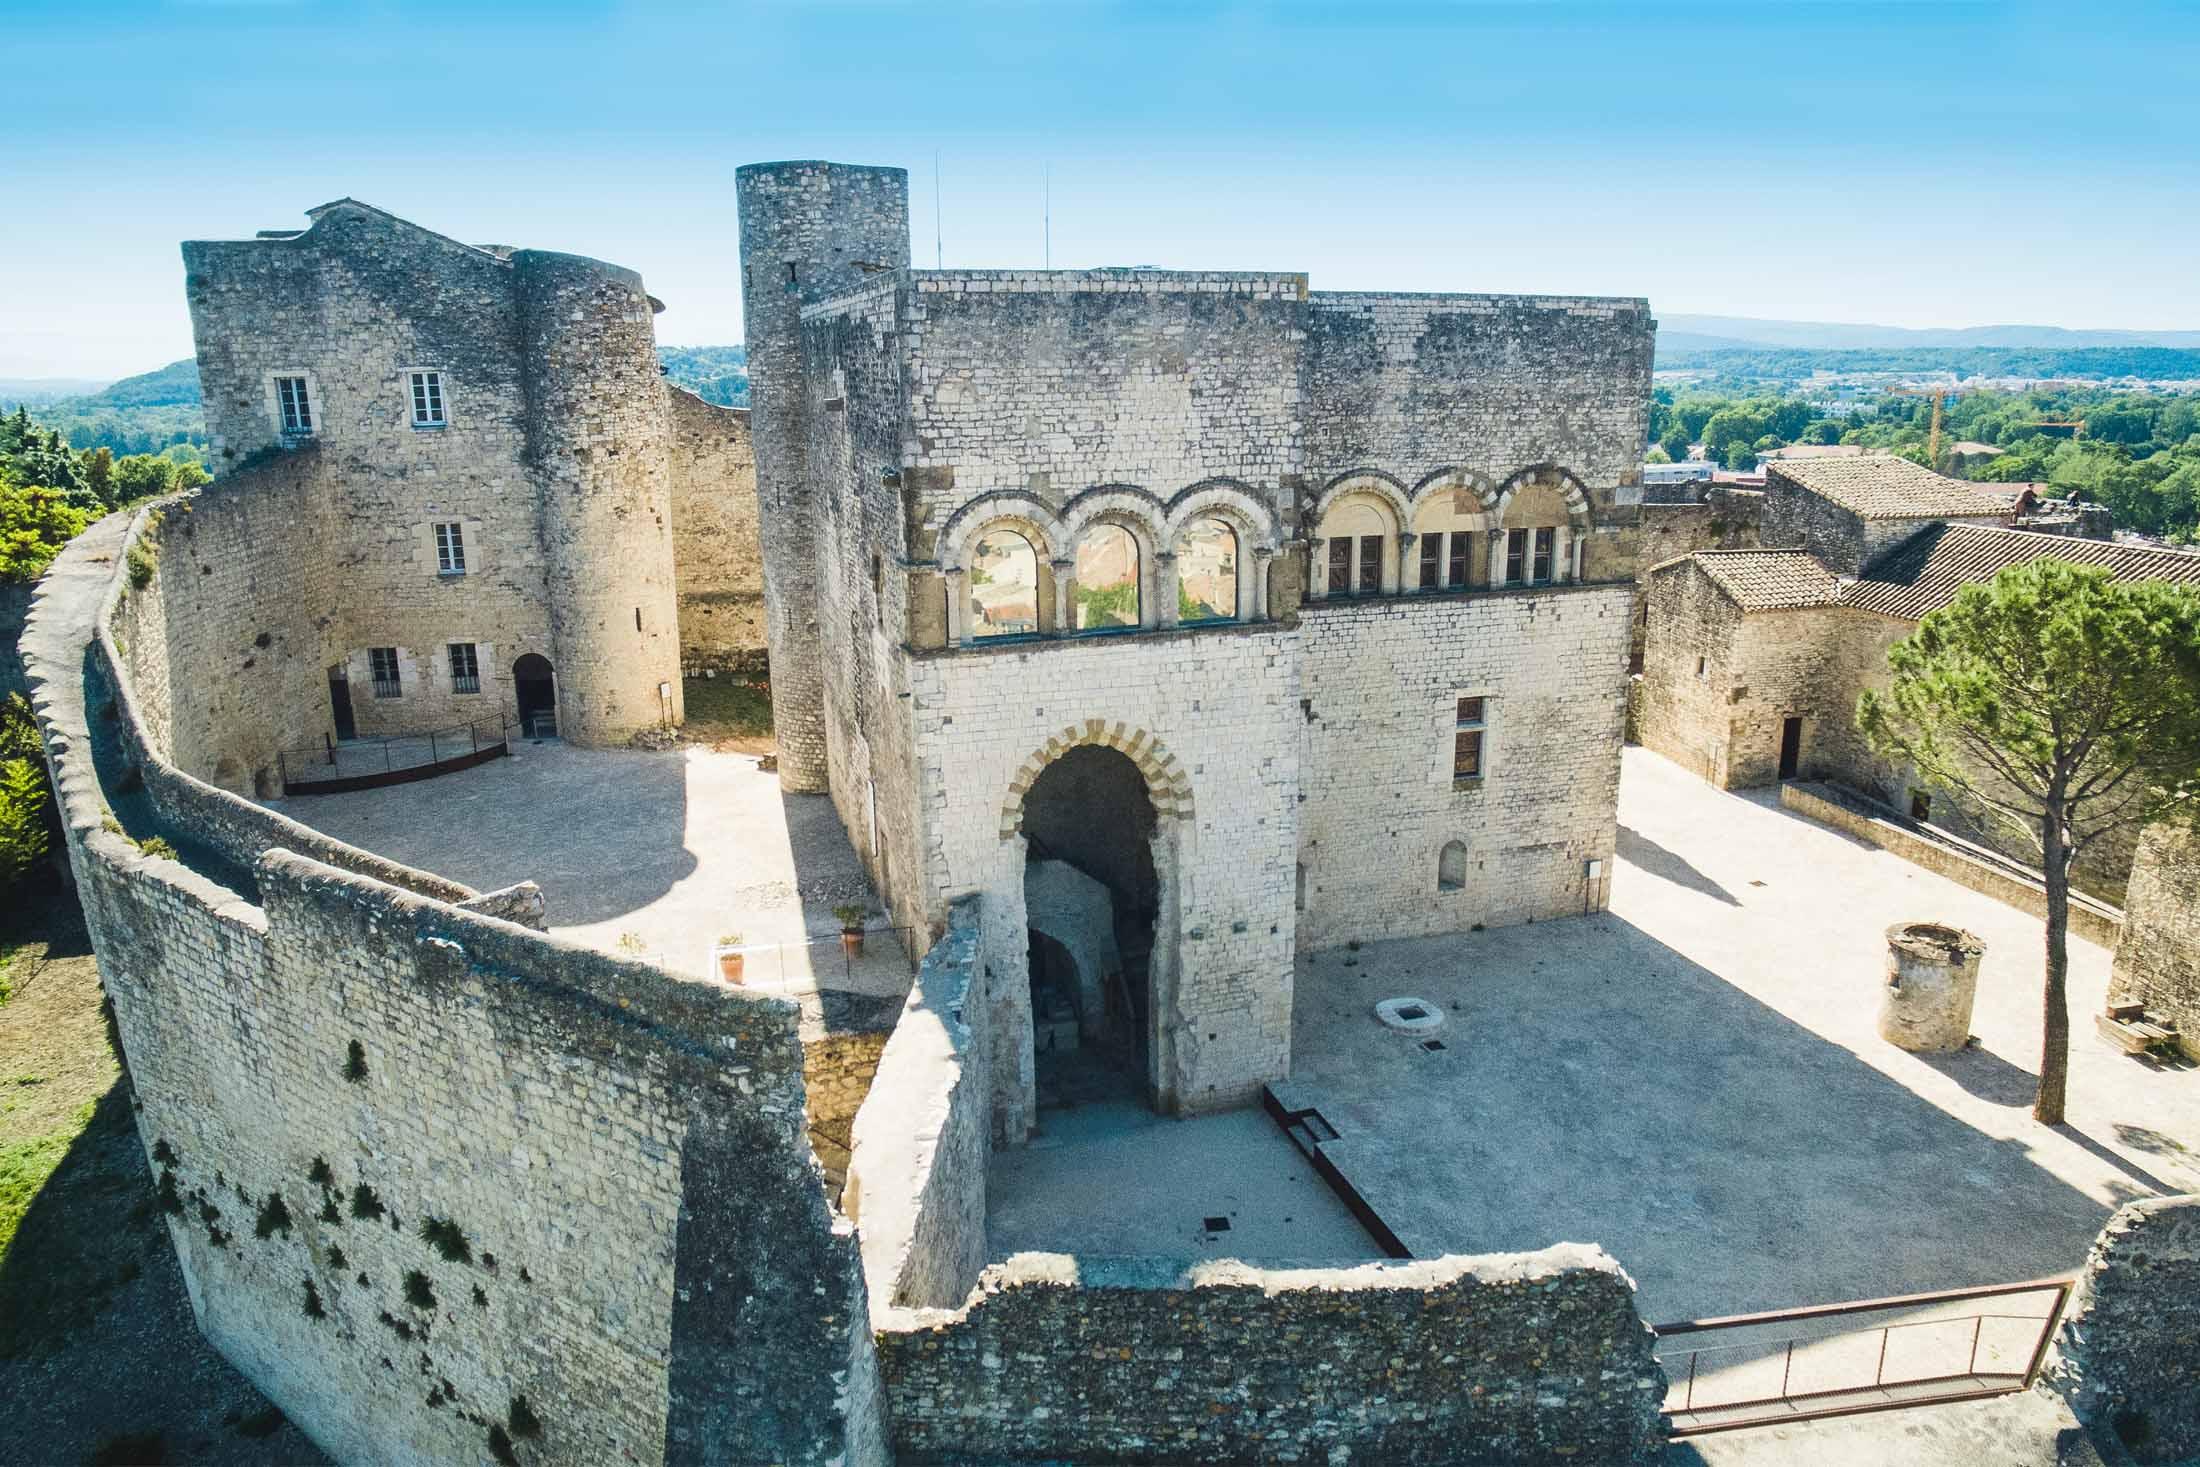 Château de Montelimar